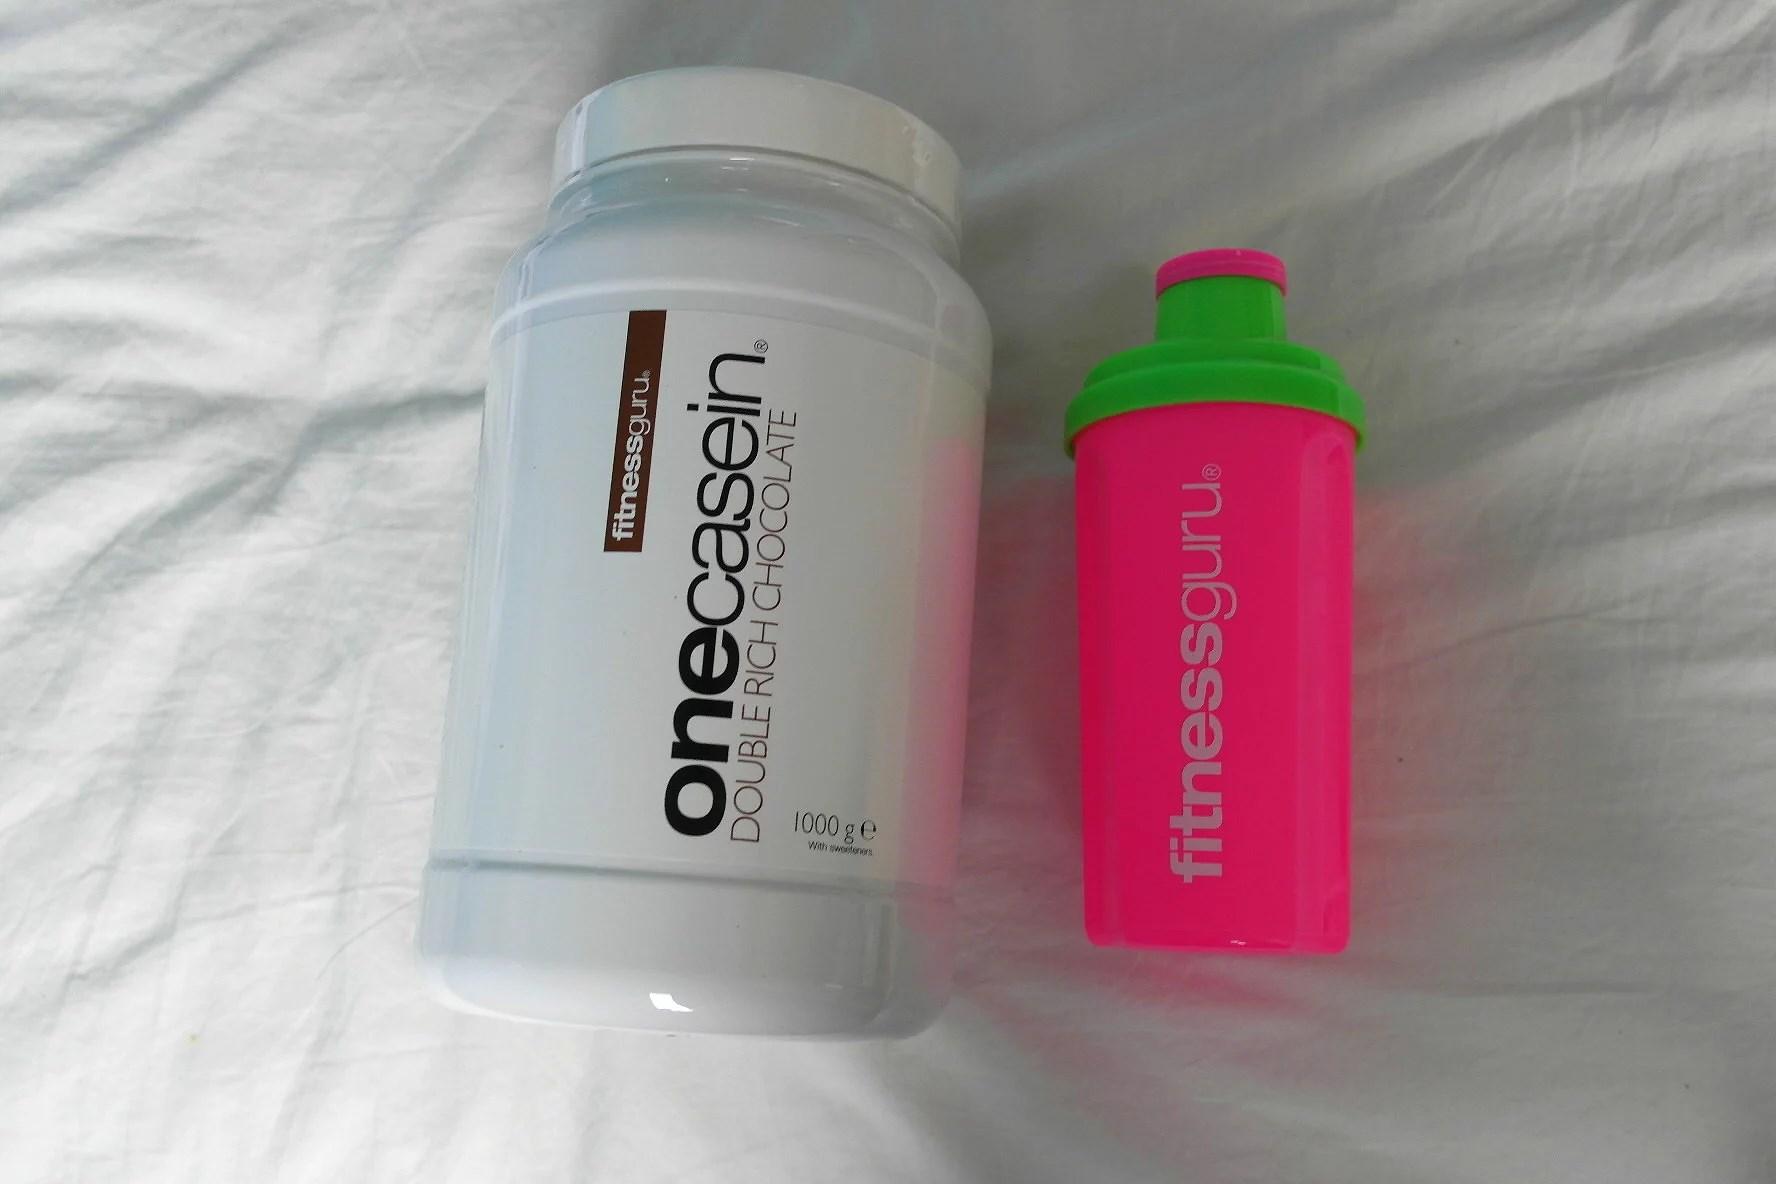 new from fitnessguru